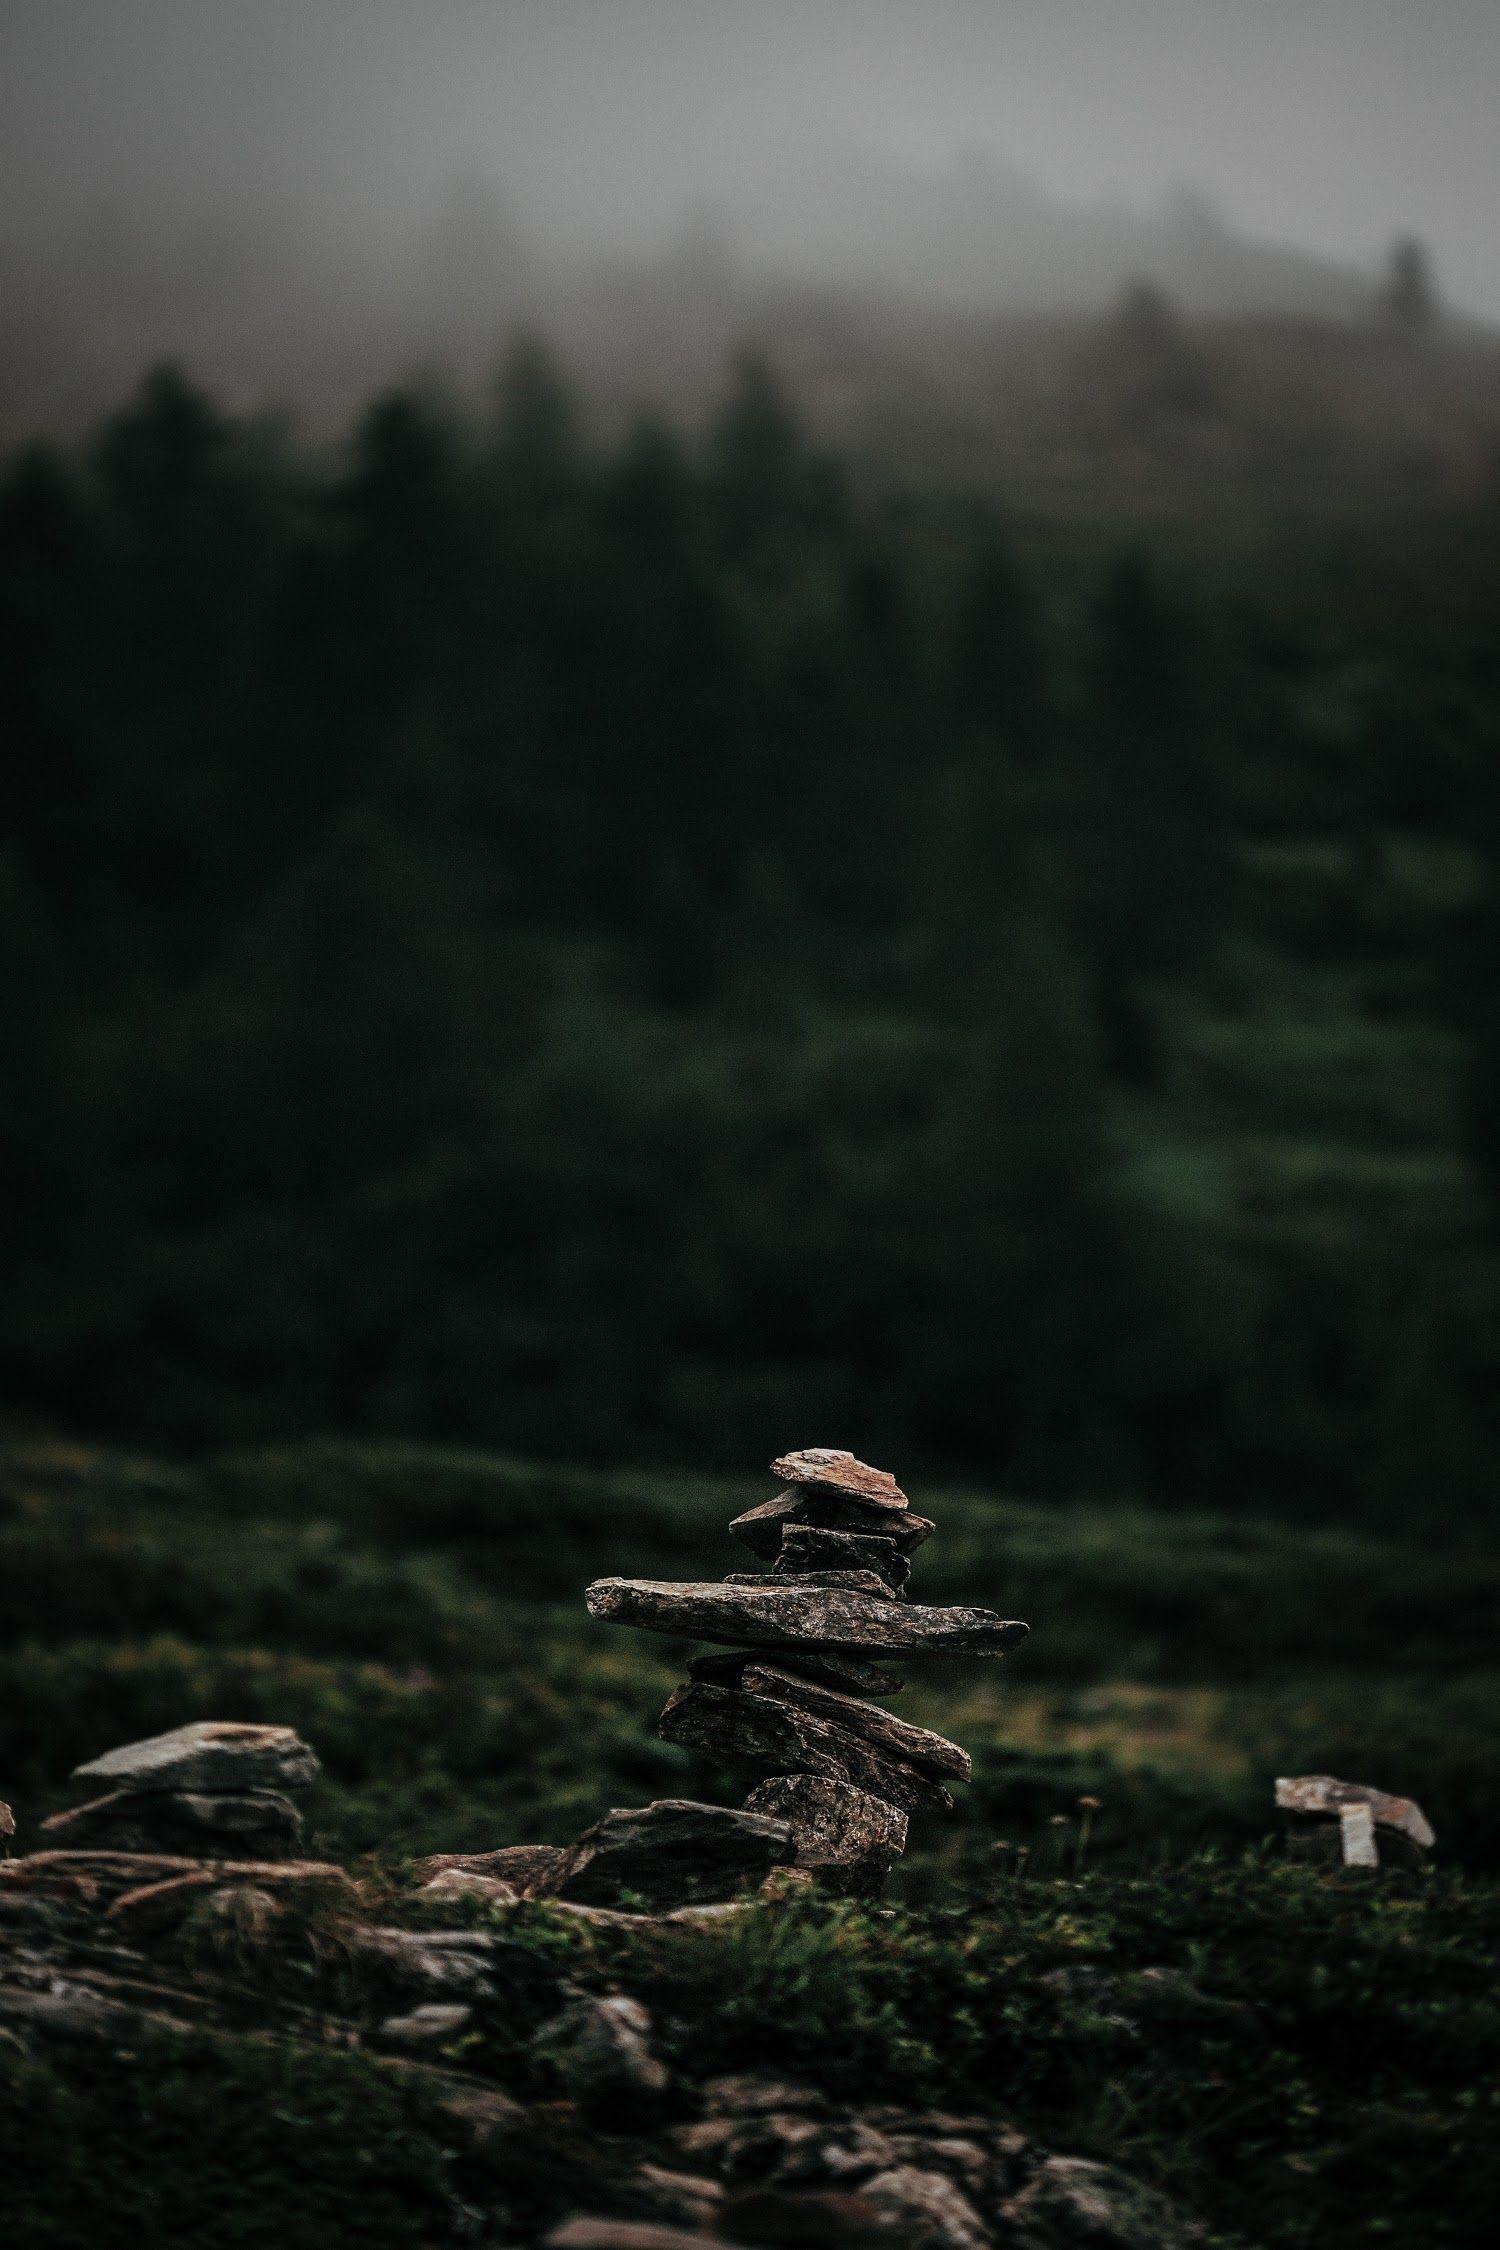 Thiên Nhiên Phong Cảnh by eberhard grossgasteiger